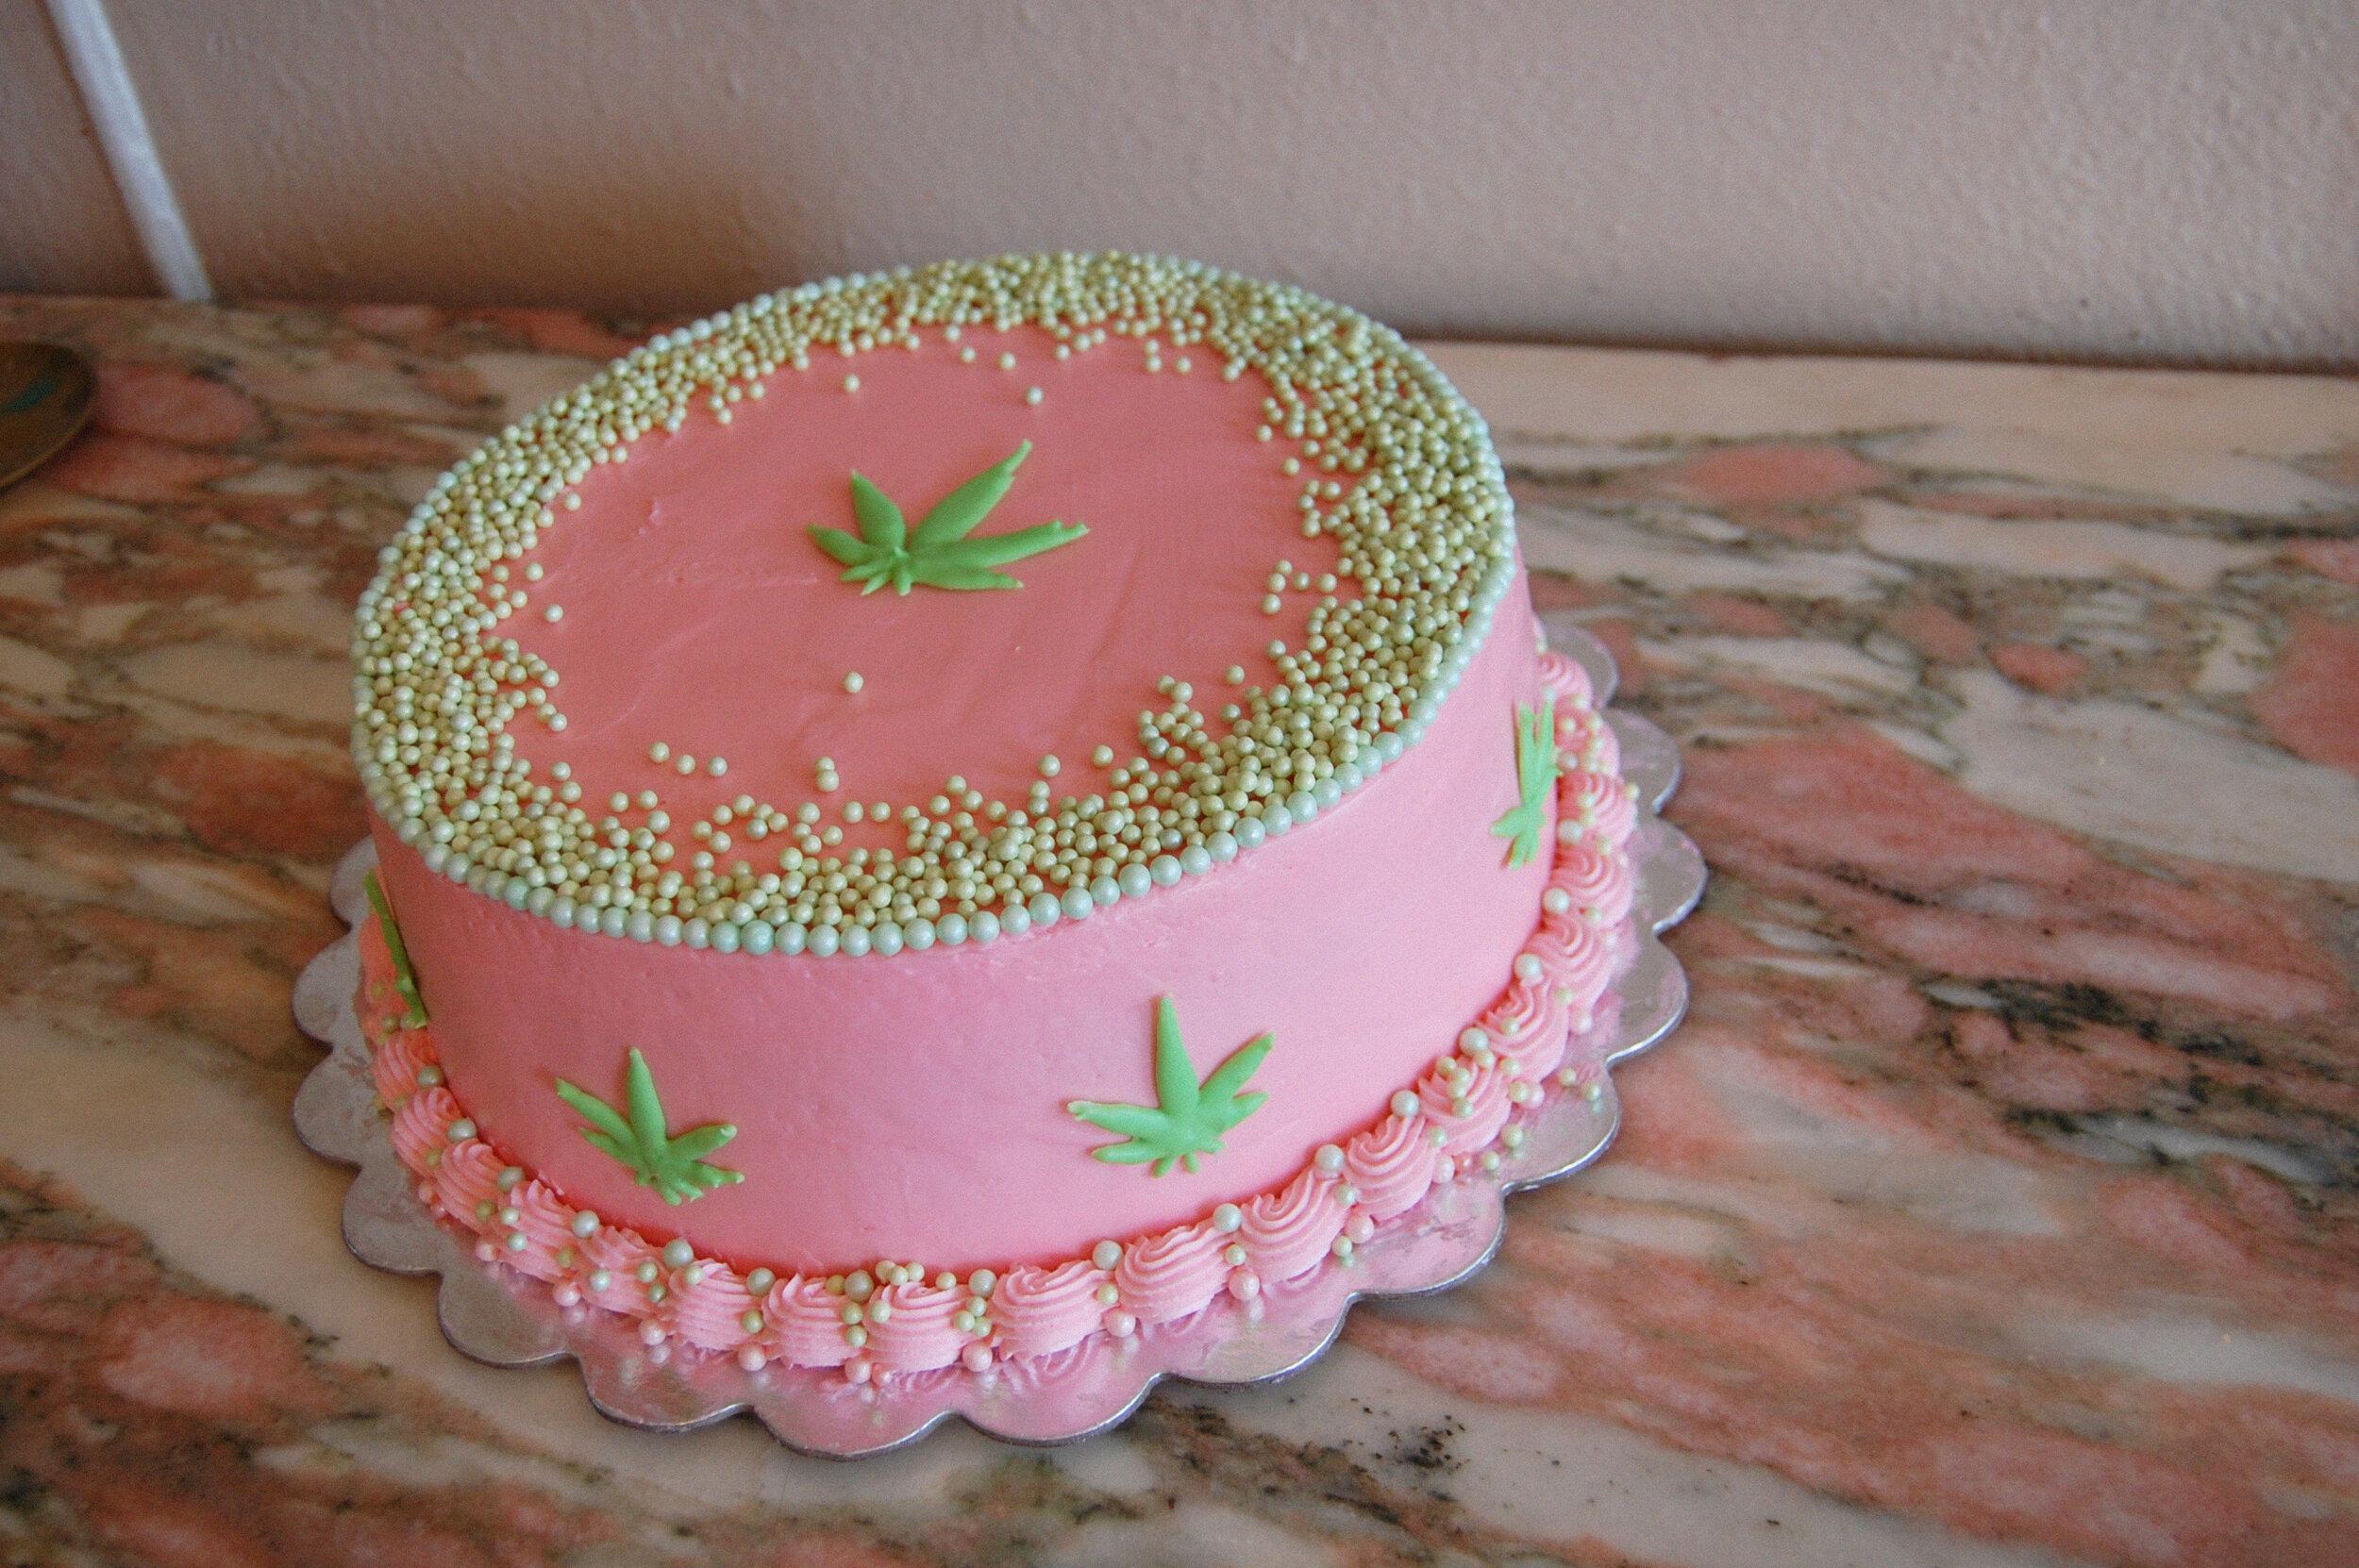 weed cake 3.jpg